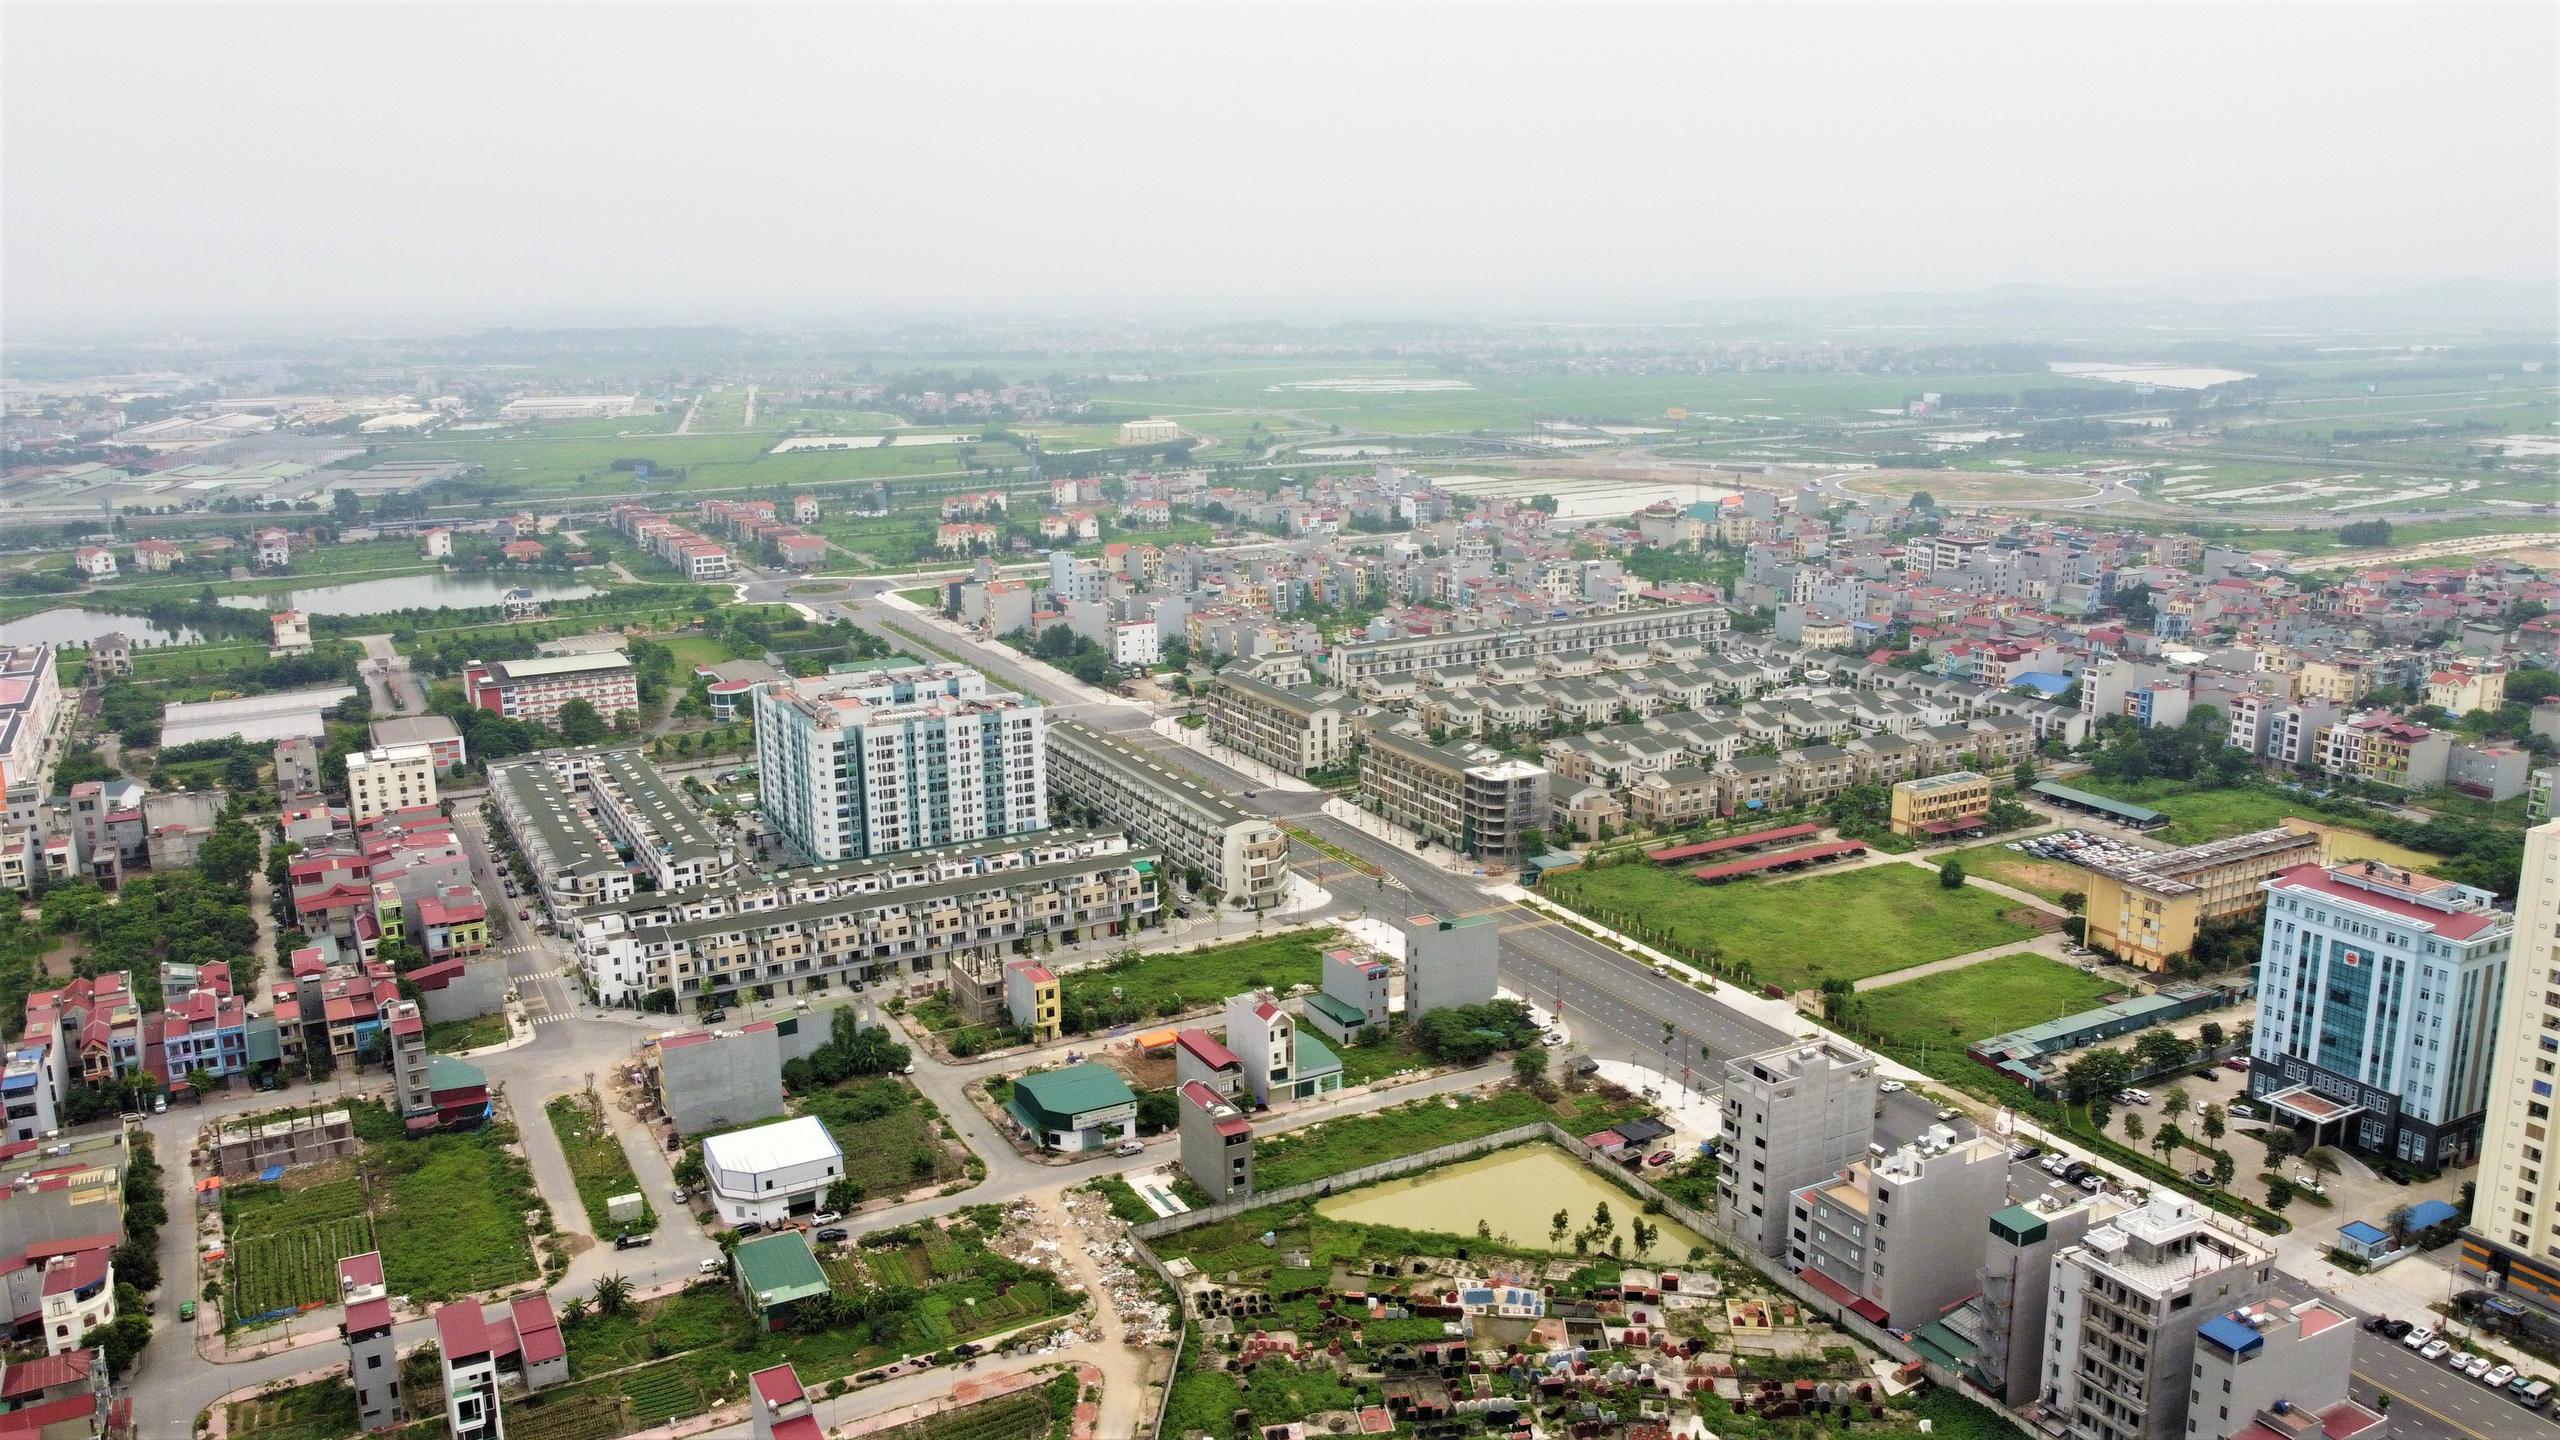 Bắc Ninh có 35 dự án khu đô thị, khu dân cư đủ điều kiện bán, cho thuê - Ảnh 1.